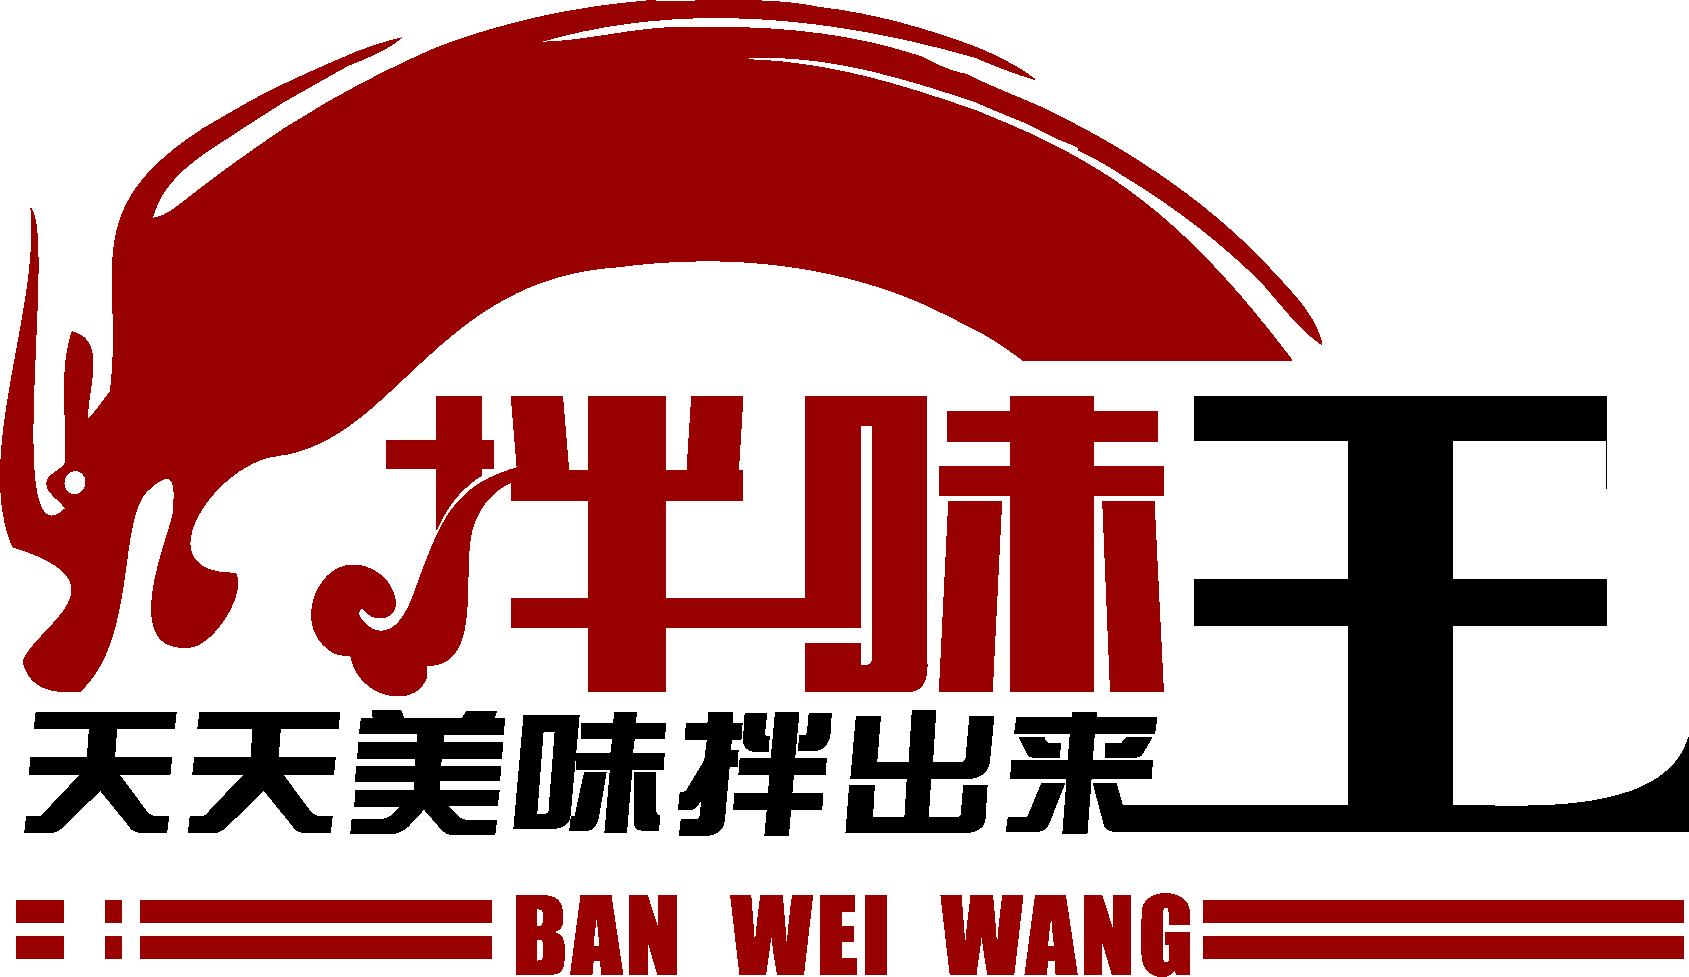 小吃连锁logo设计_logo设计_商标/vi设计_一品威客网